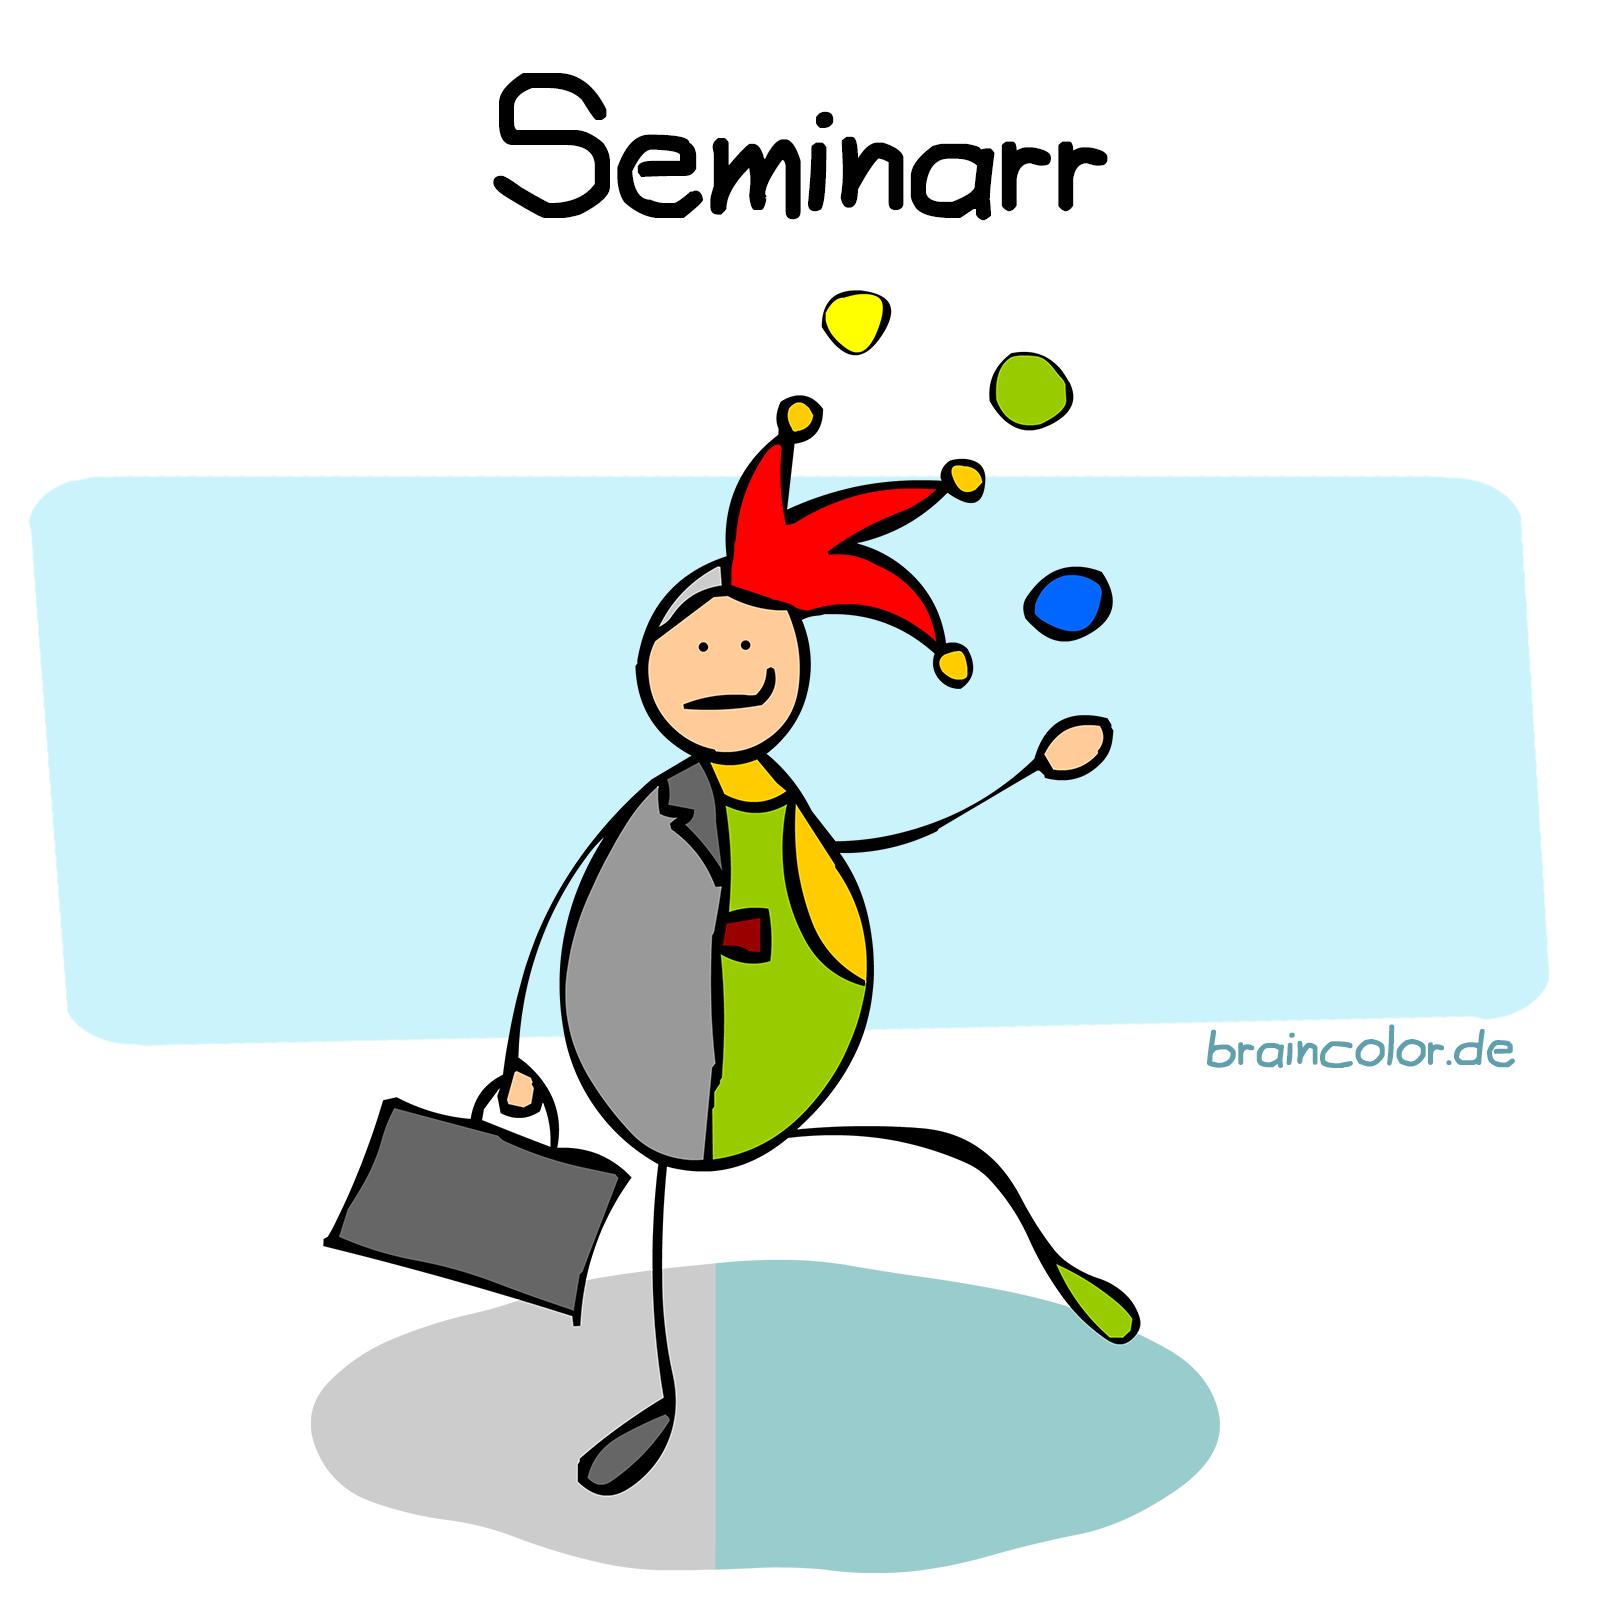 seminar narr